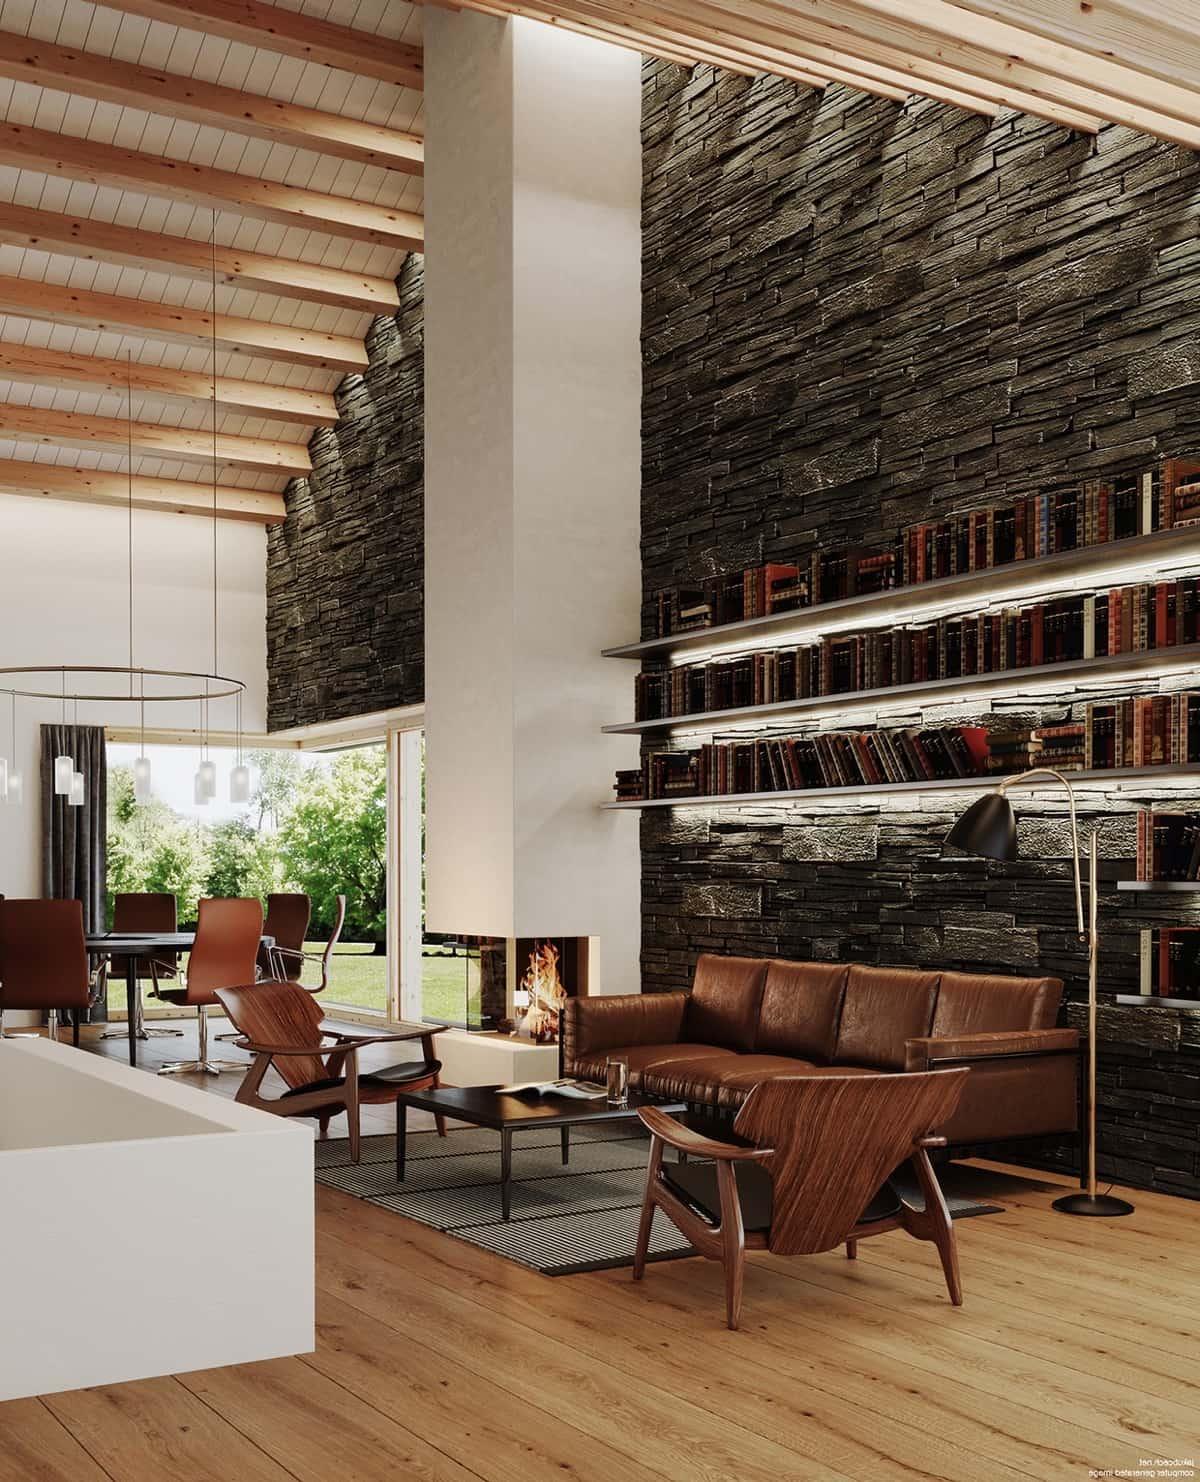 Для комфортного отдыха диван и кресла нежелательно располагать рядом с камином, лучше разместить их в непосредственной близости от него